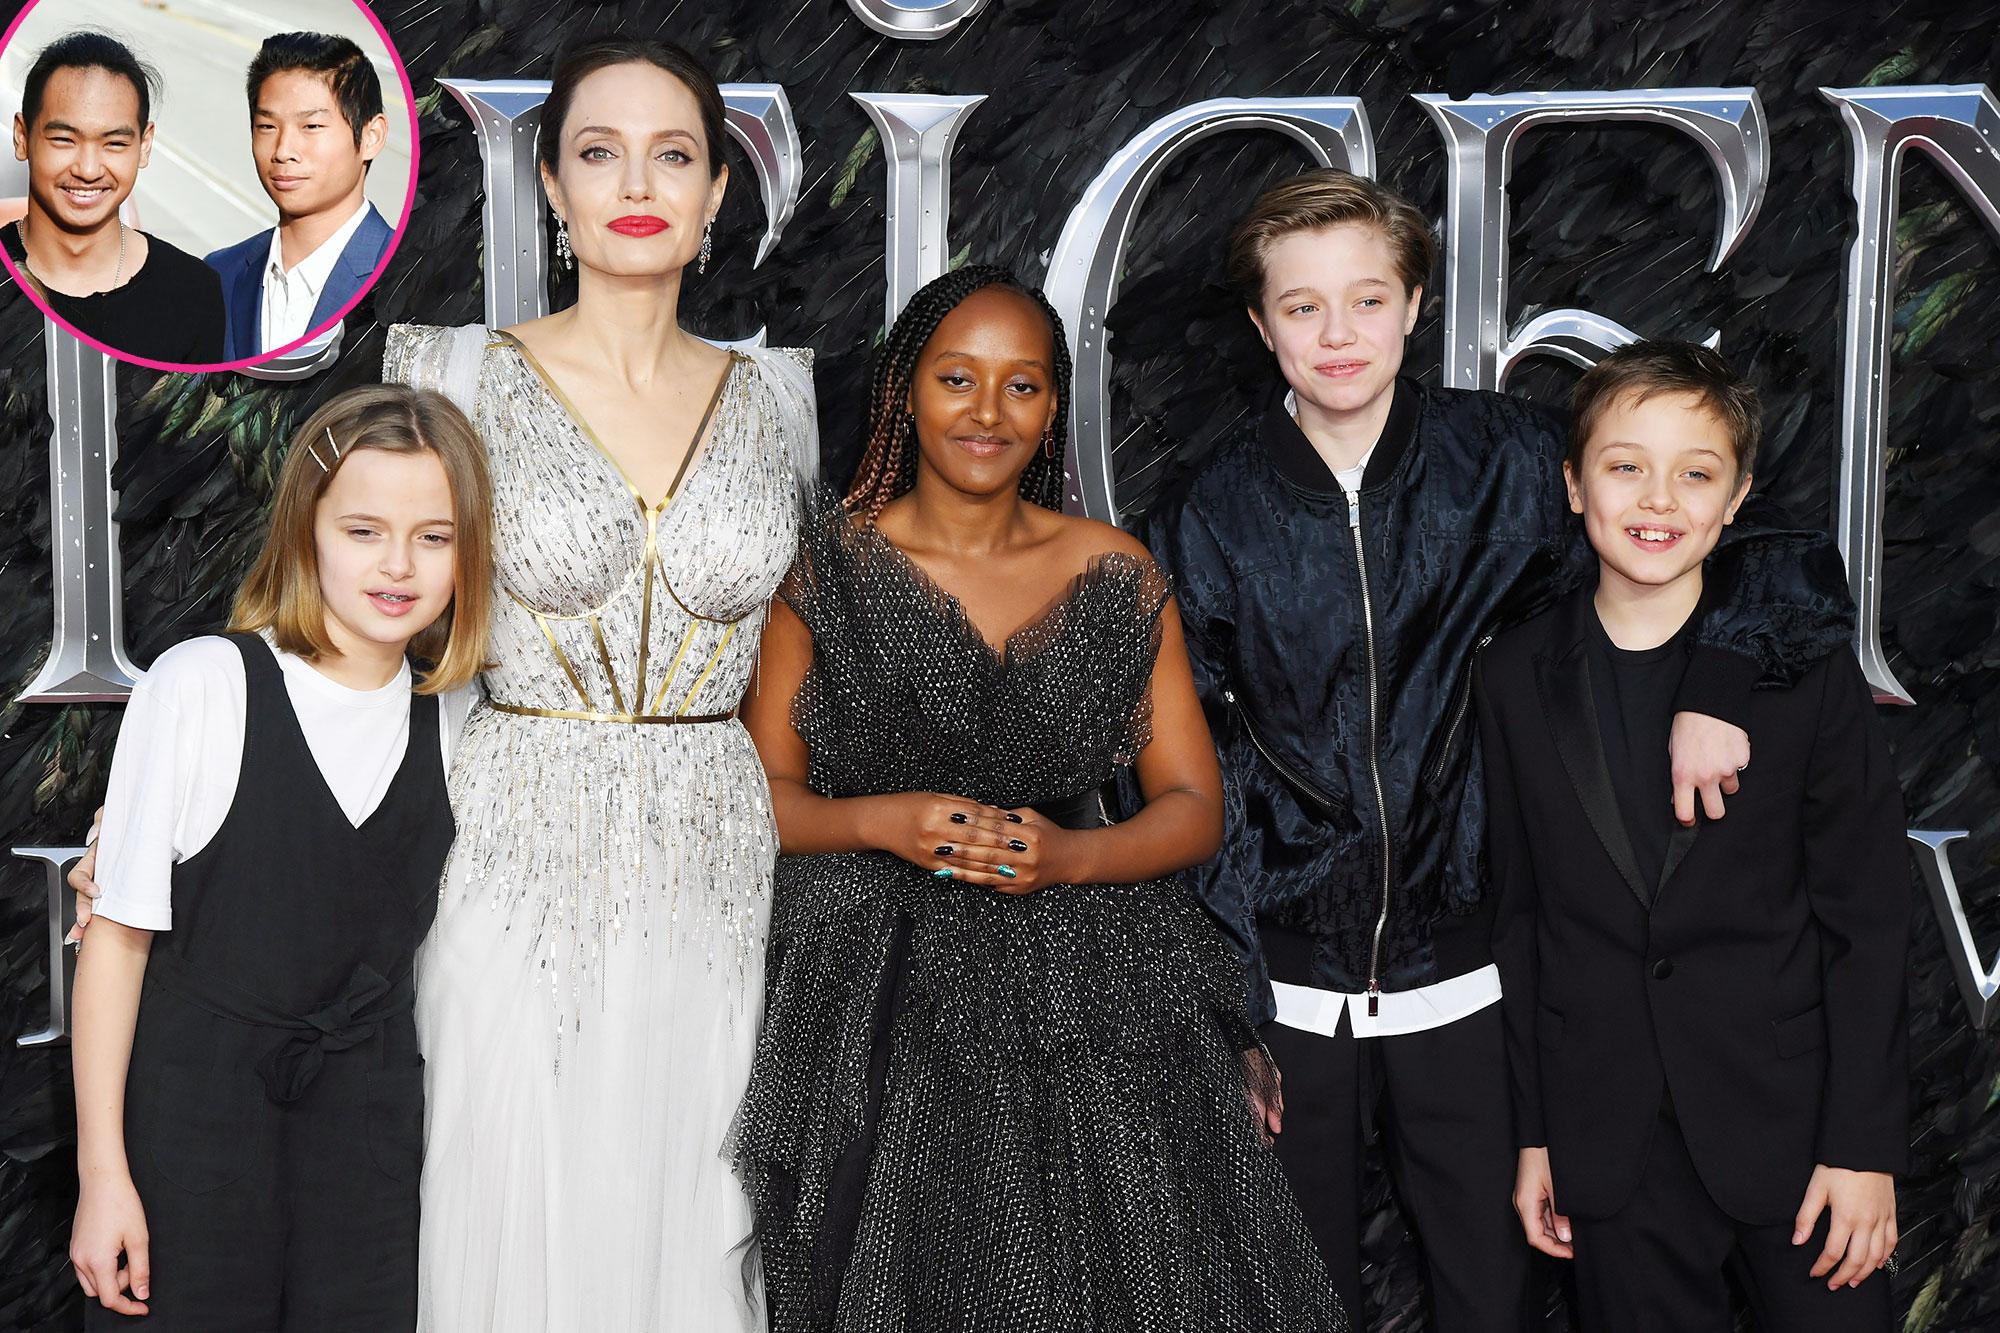 Maddox Jolie-Pitt Pax Jolie-Pitt Vivienne Jolie-Pitt Angelina Jolie Zahara Jolie-Pitt Shiloh Jolie-Pitt and Knox Jolie-Pitt